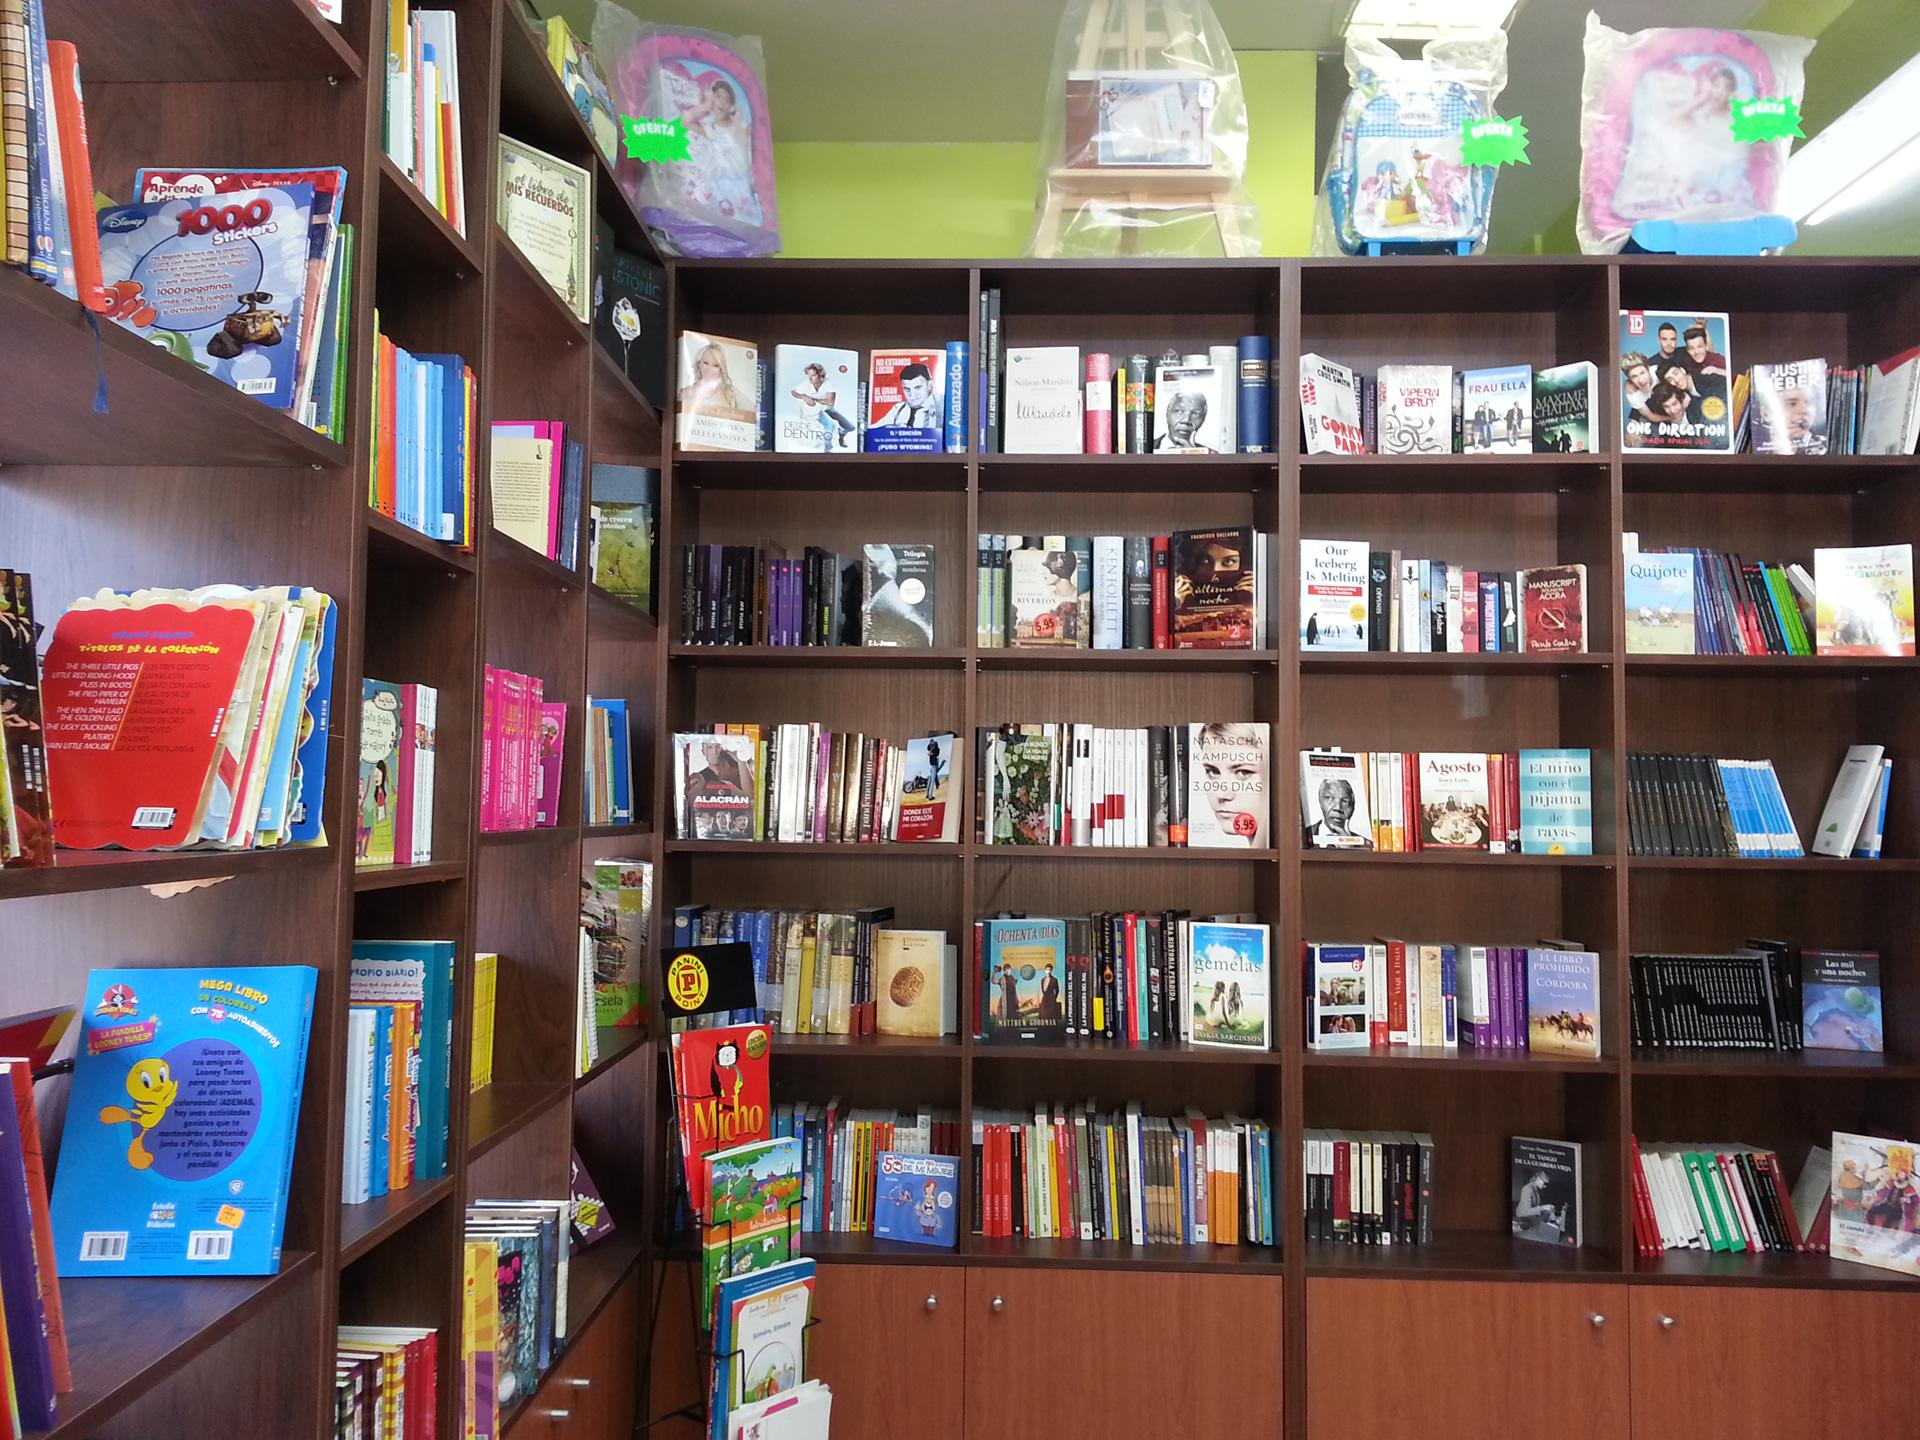 110 Libros Recomendados para Leer en tu Vida -